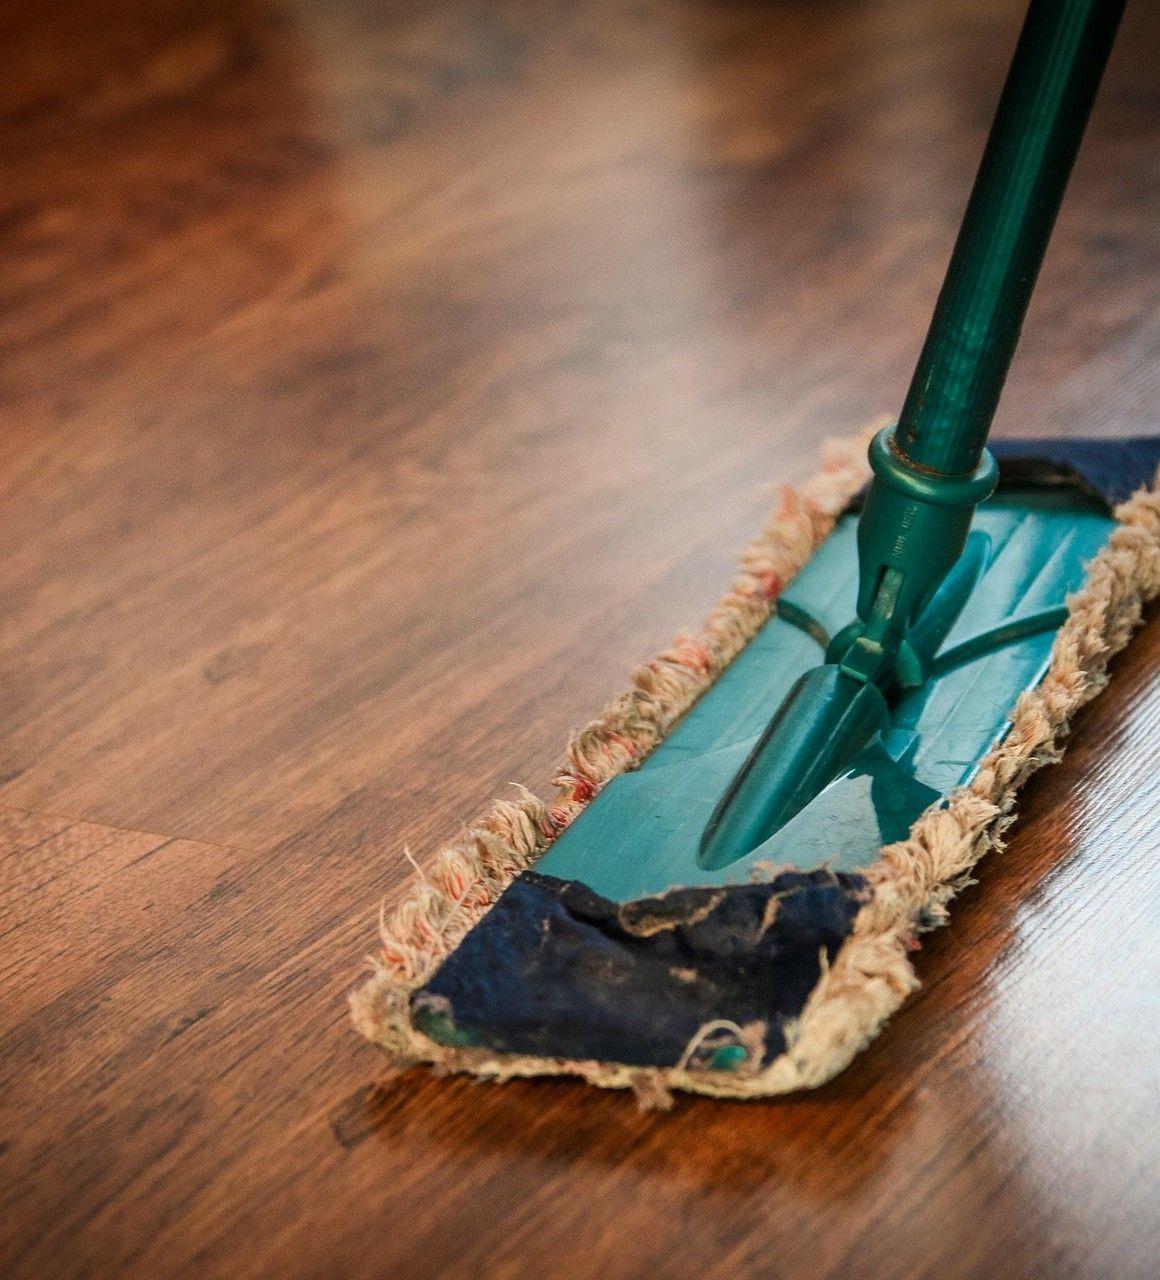 limpiando un suelo vinílico que simula madera